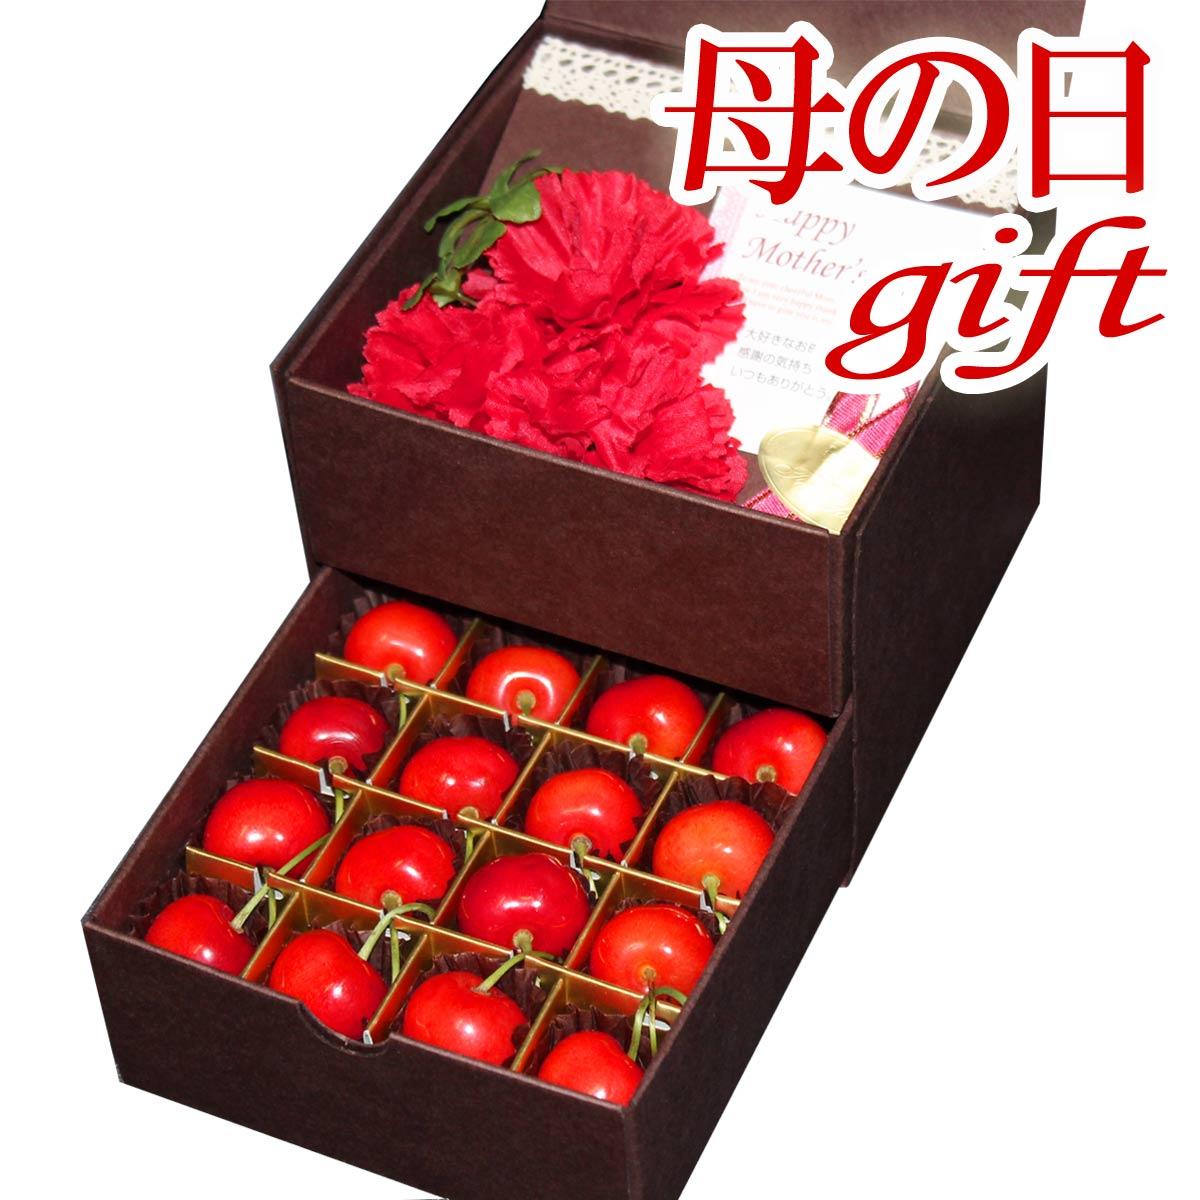 (予約)(送料無料)(2021母の日ギフト)さくらんぼ カーネーションメッセージカード付き 母の日ギフトさくらんぼ お母さん に日頃の感謝をこめて贈りたい 「佐藤錦」母の日 お母さん